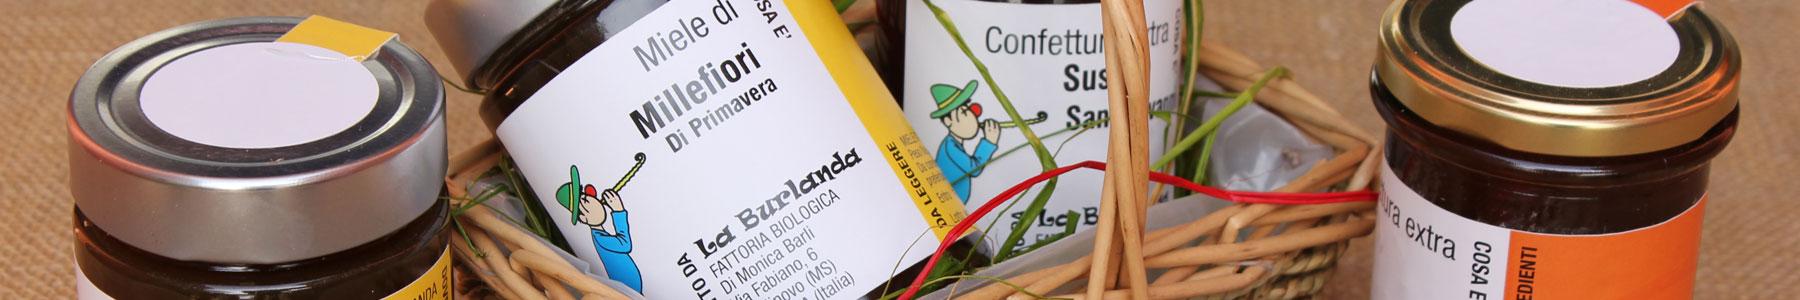 Prodotti Miele La Burlanda Fosdinovo